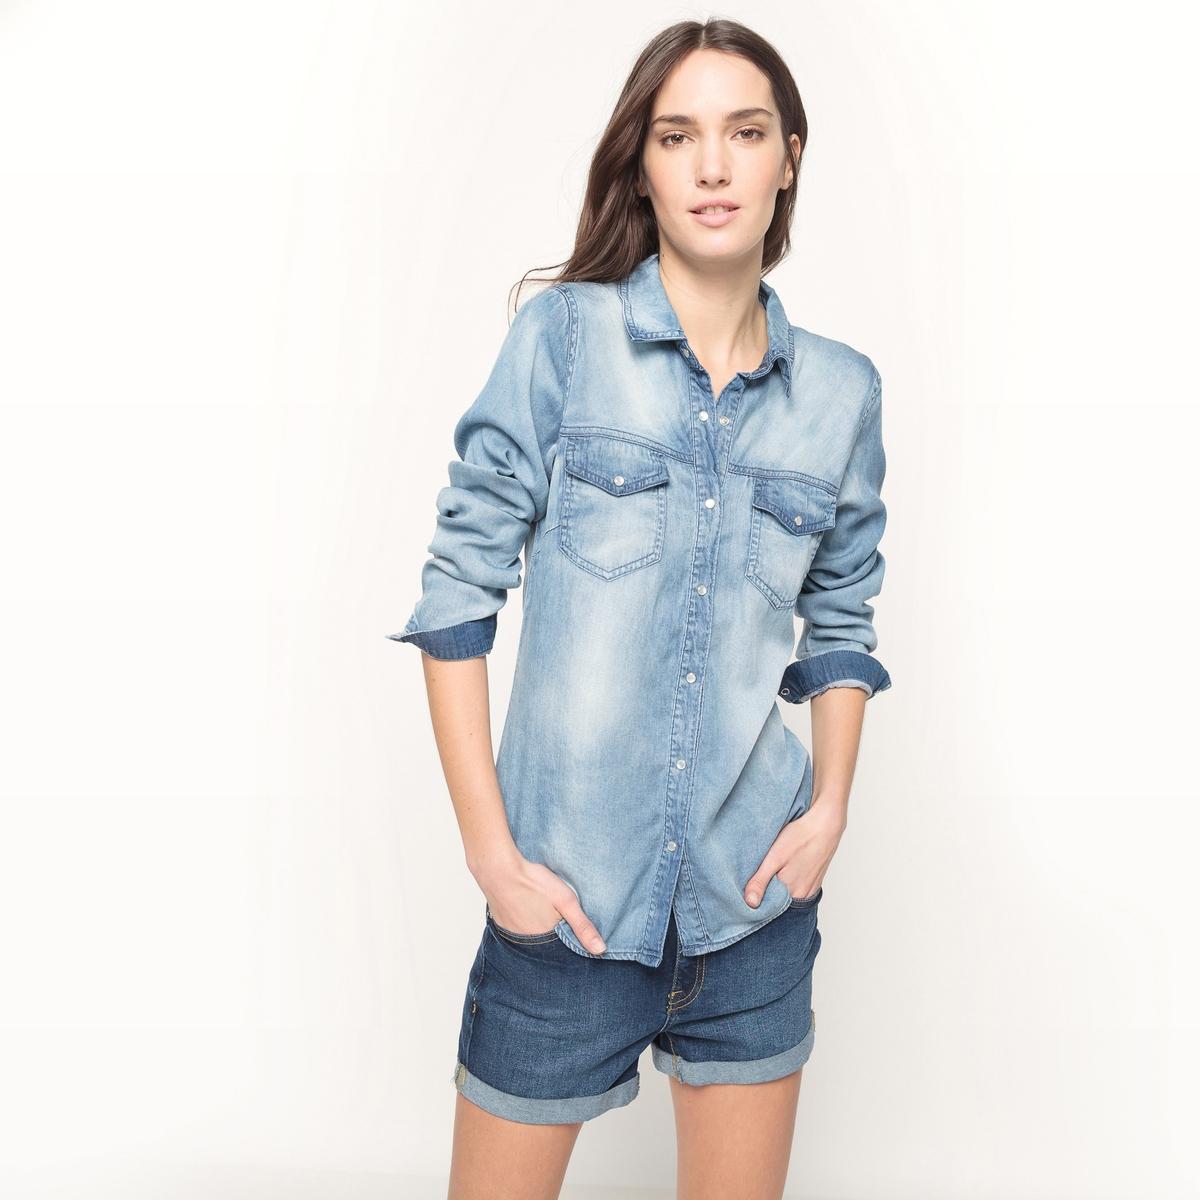 Рубашка приталенная с длинными рукавами atlantic 73365 43 21r